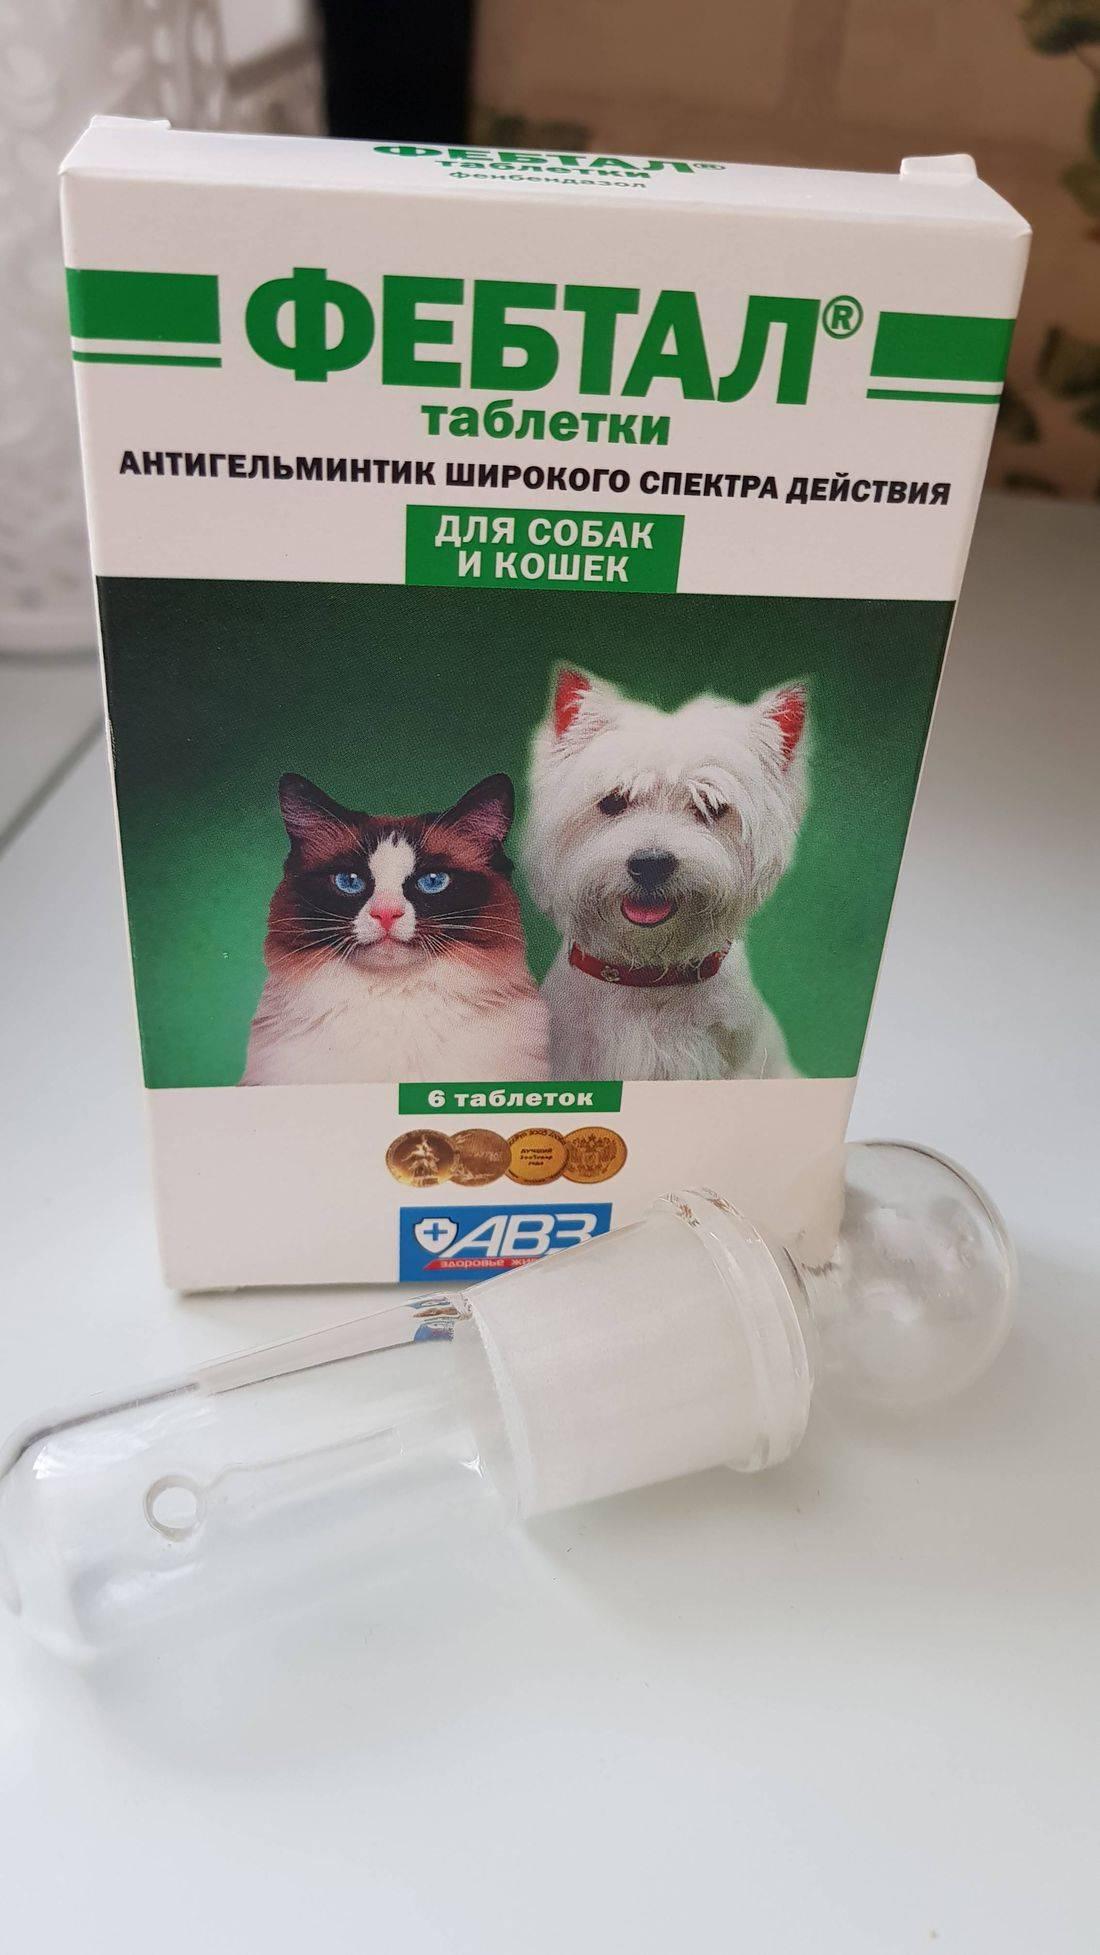 Фебтал комбо для собак инструкция по применению. инструкция по применению антигельминтика фебтал. состав и фармакологические свойства - новая медицина